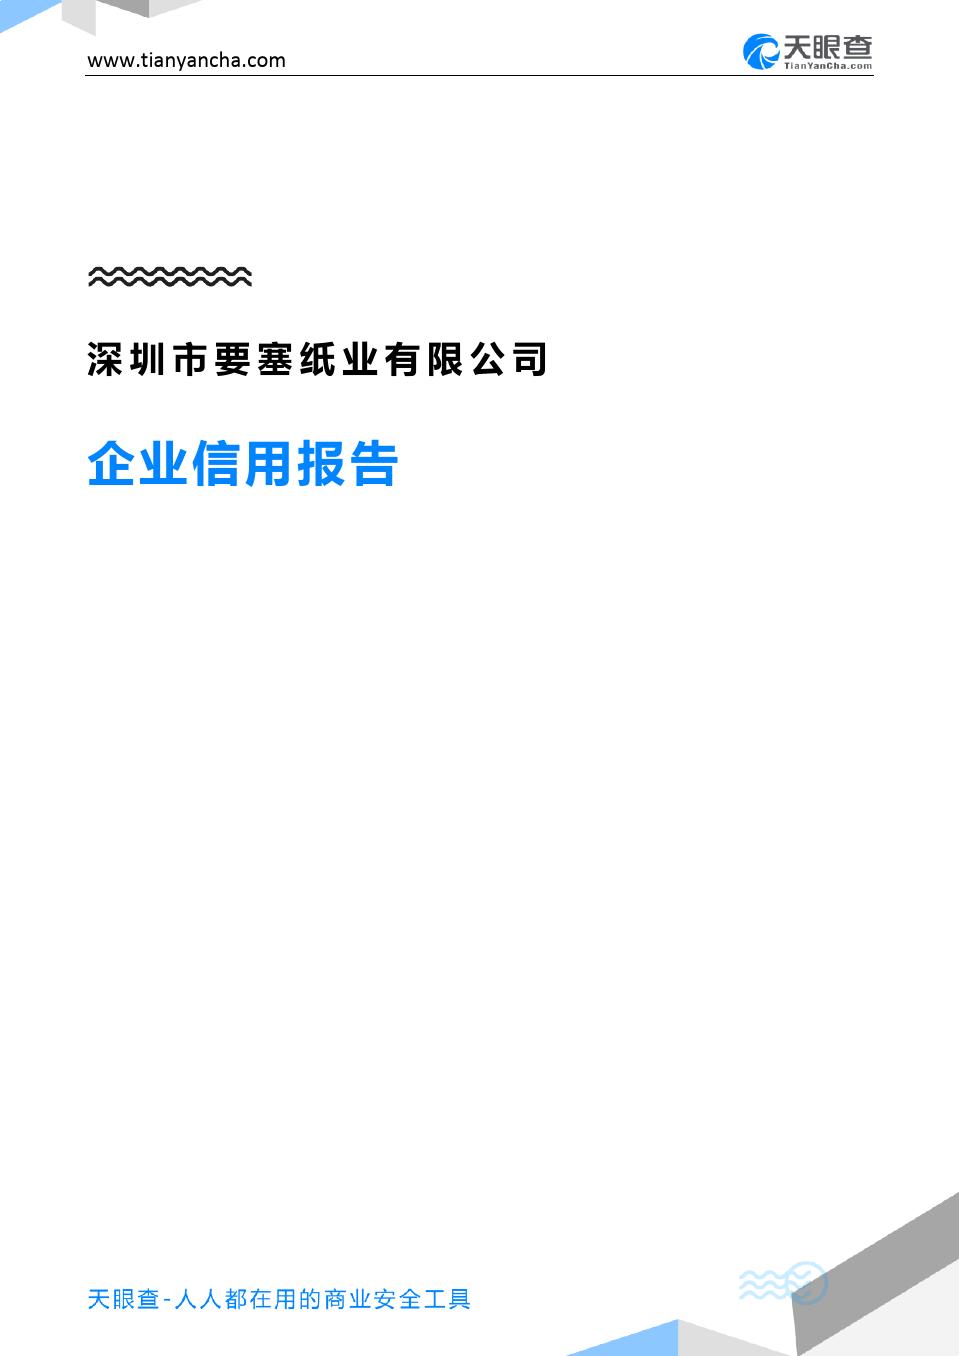 深圳市要塞纸业有限公司(企业信用报告)- 天眼查